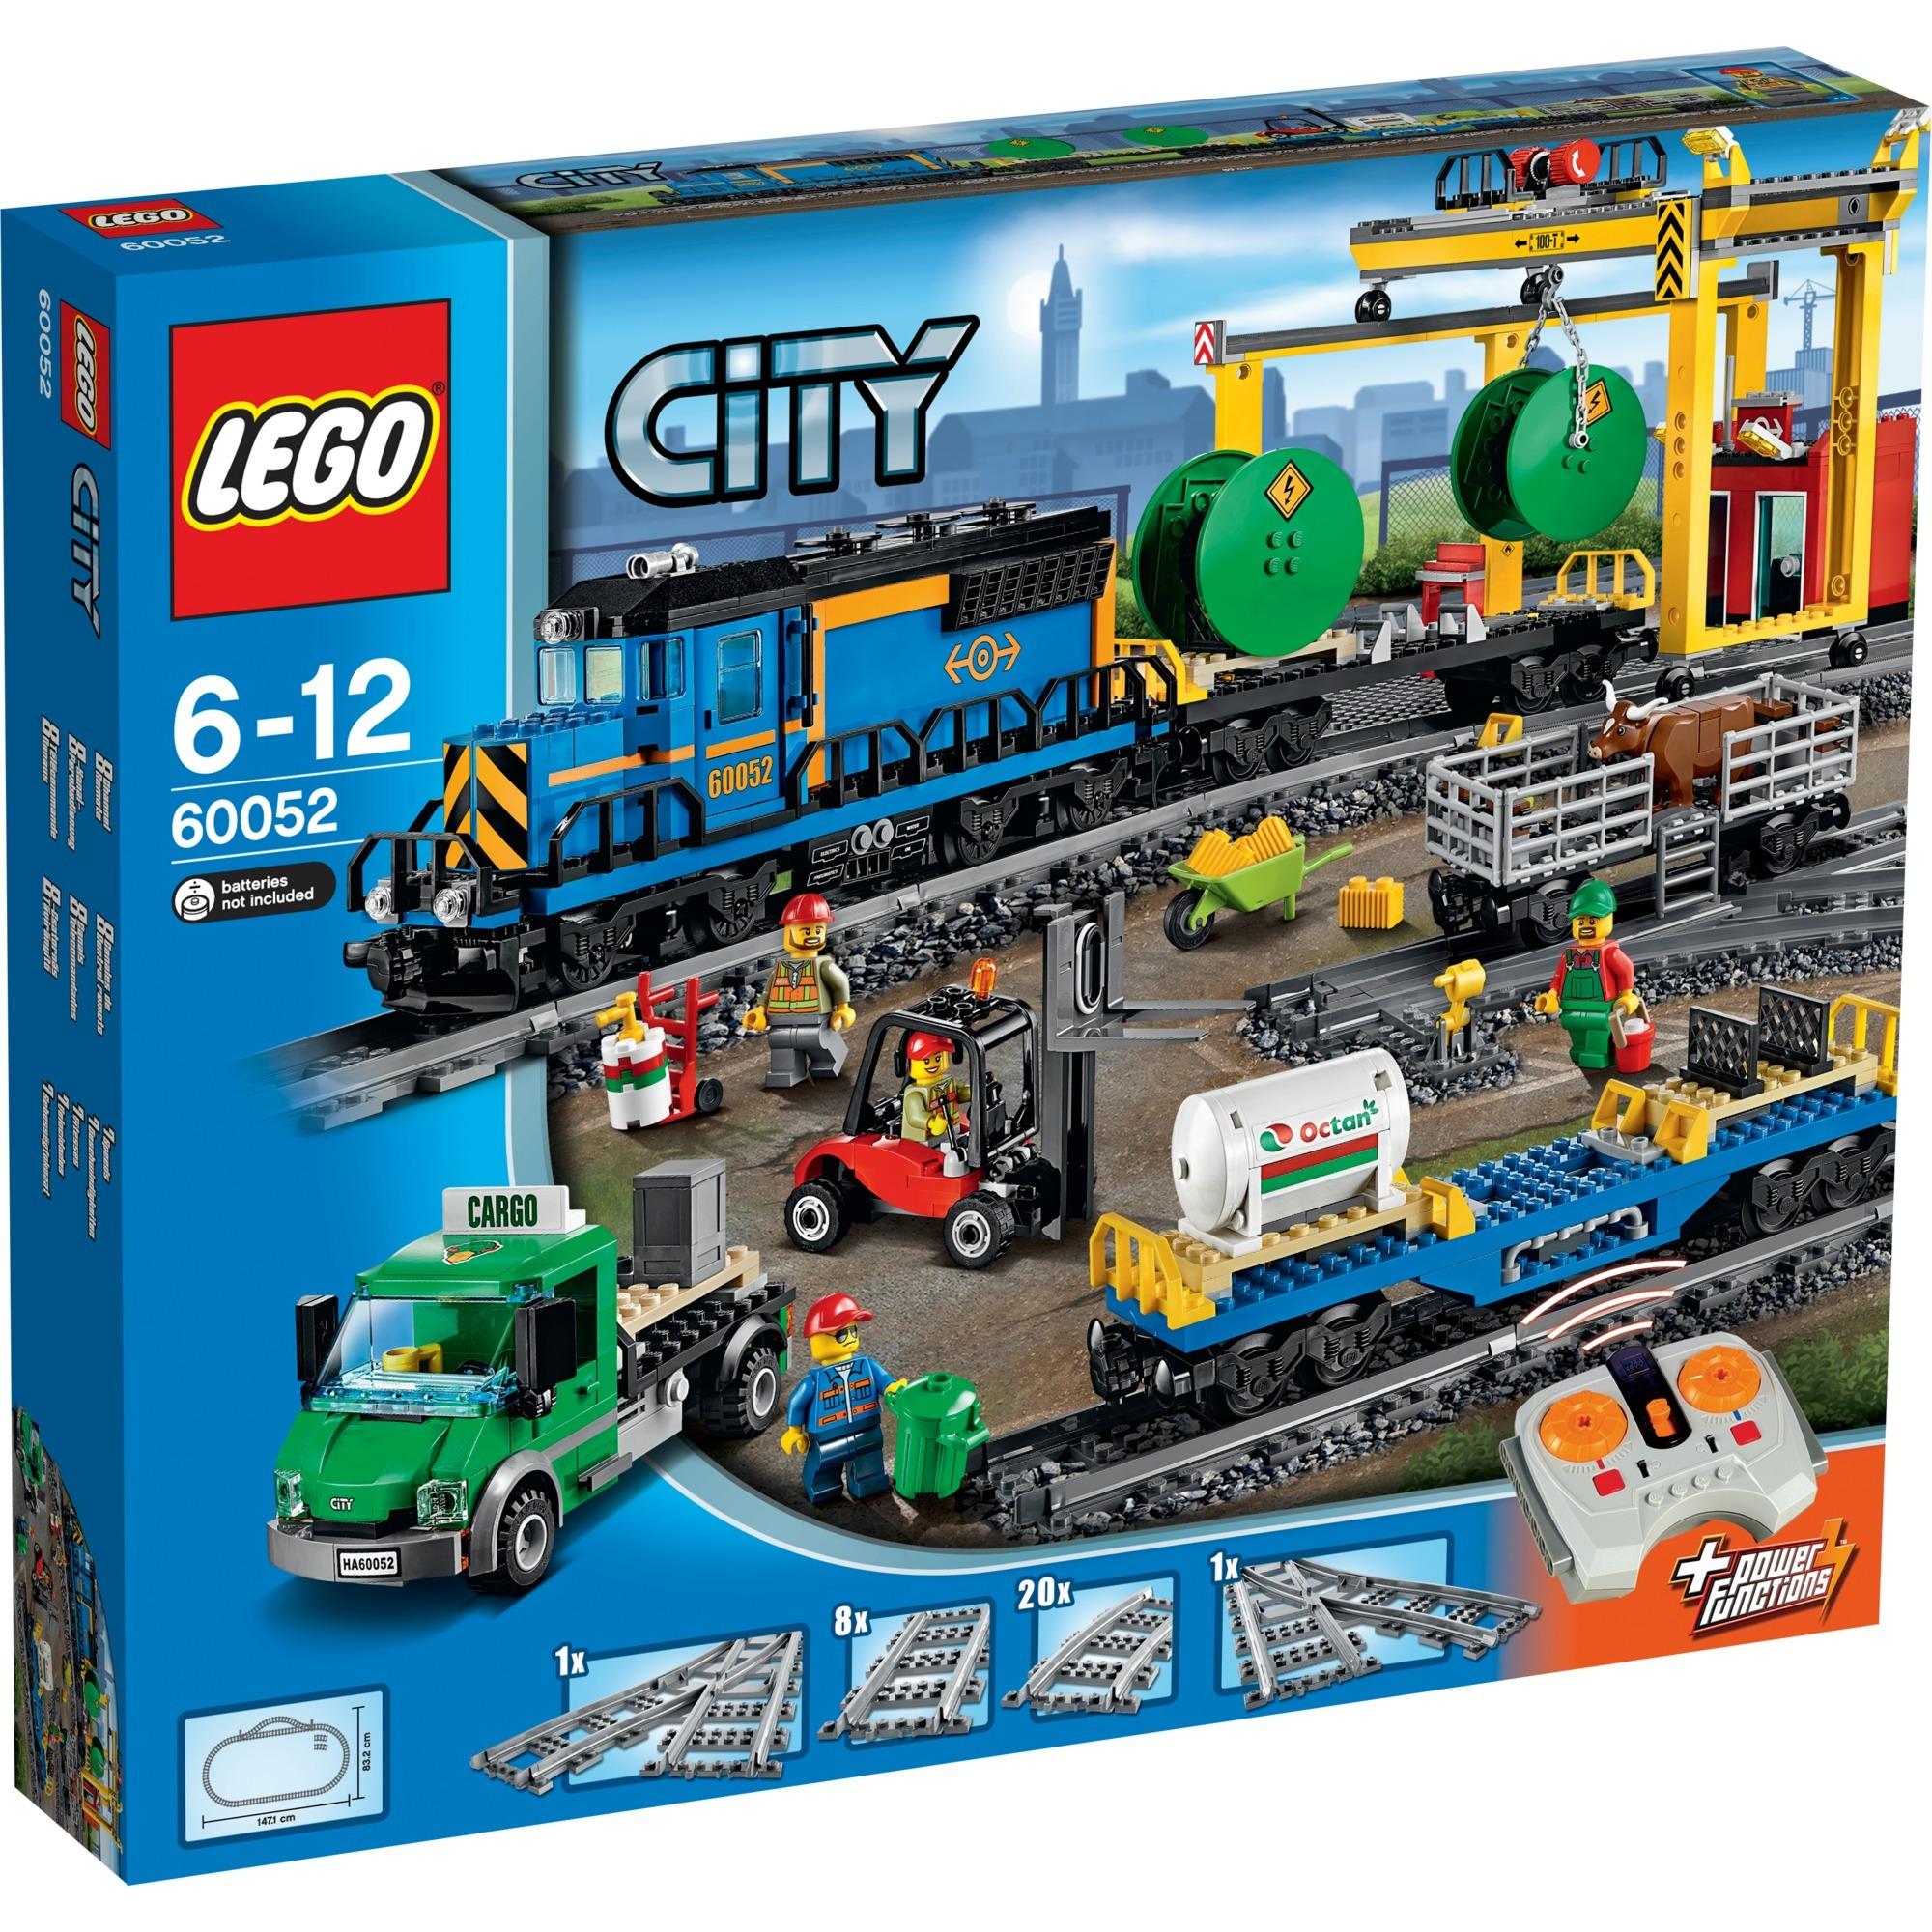 City - Le train de marchandises